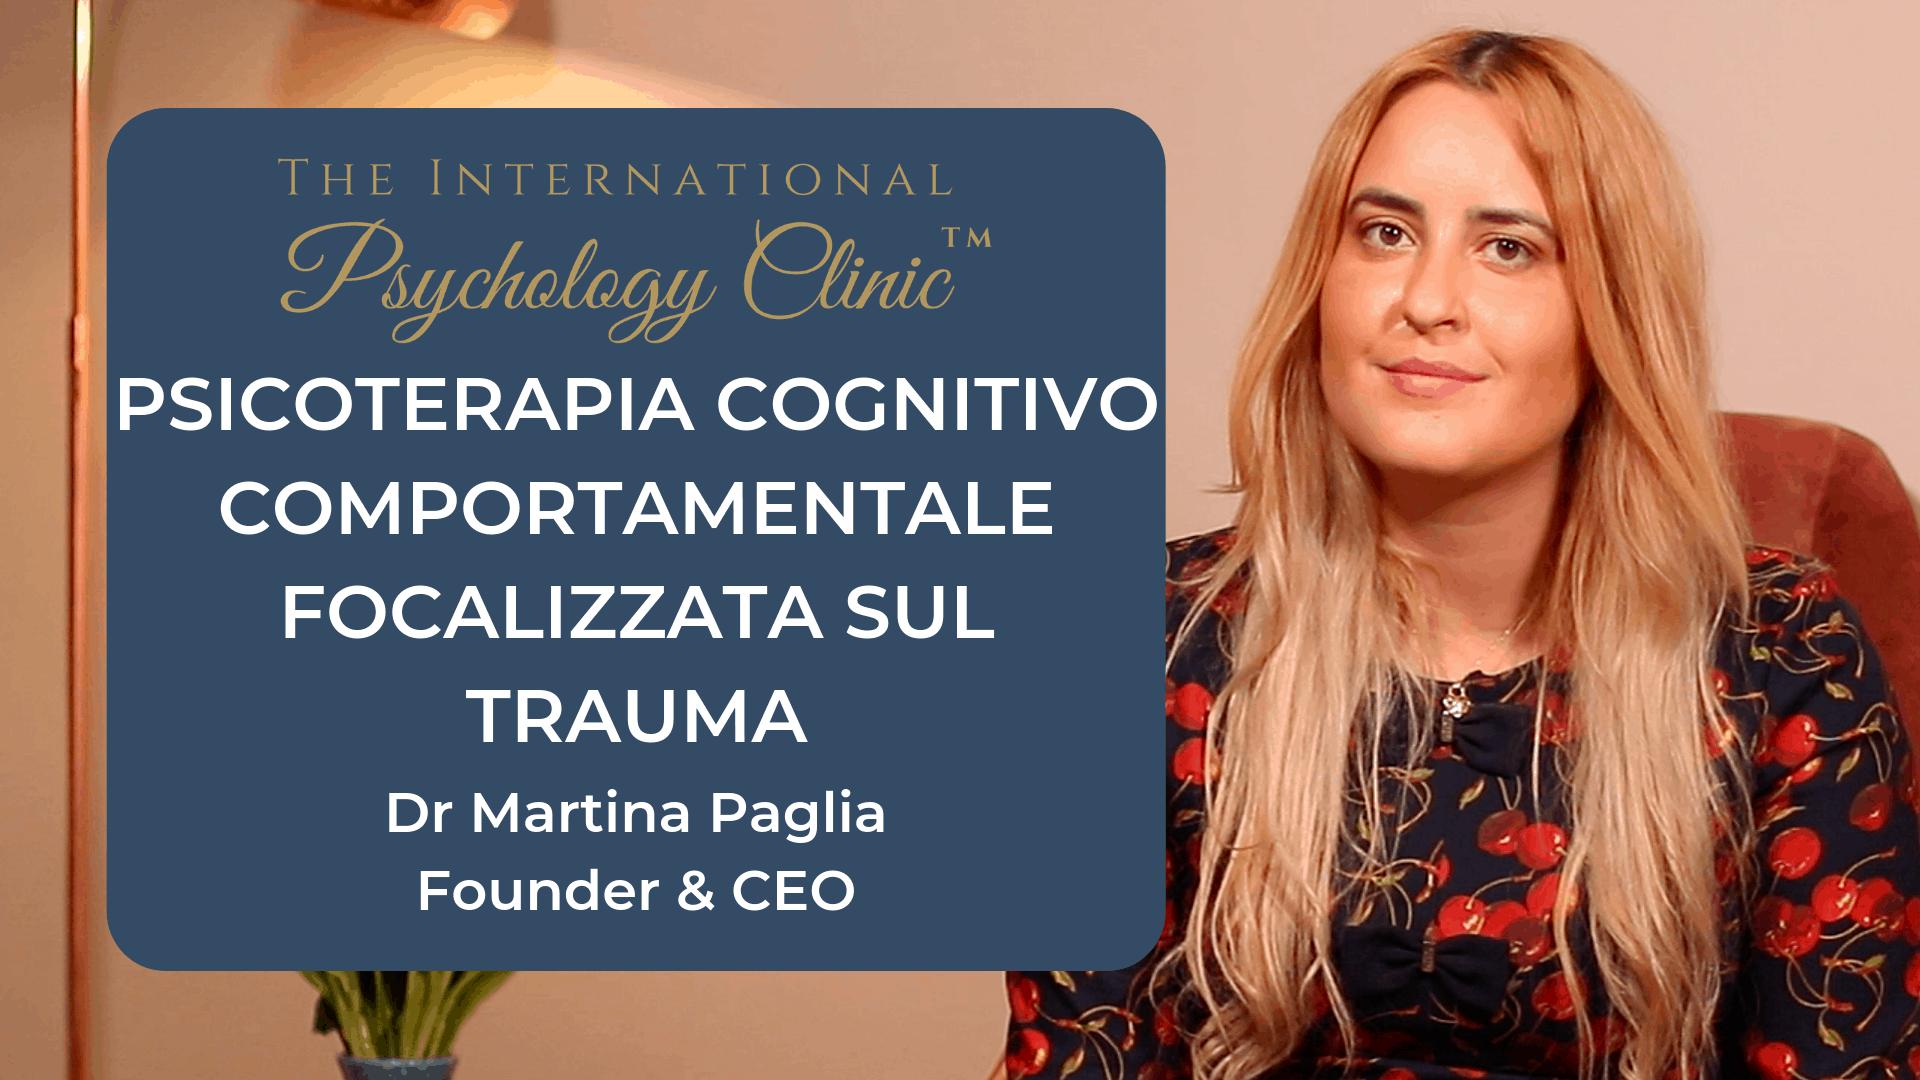 psicoterapia cognitivo comprotamentale focalizzata sul trauma